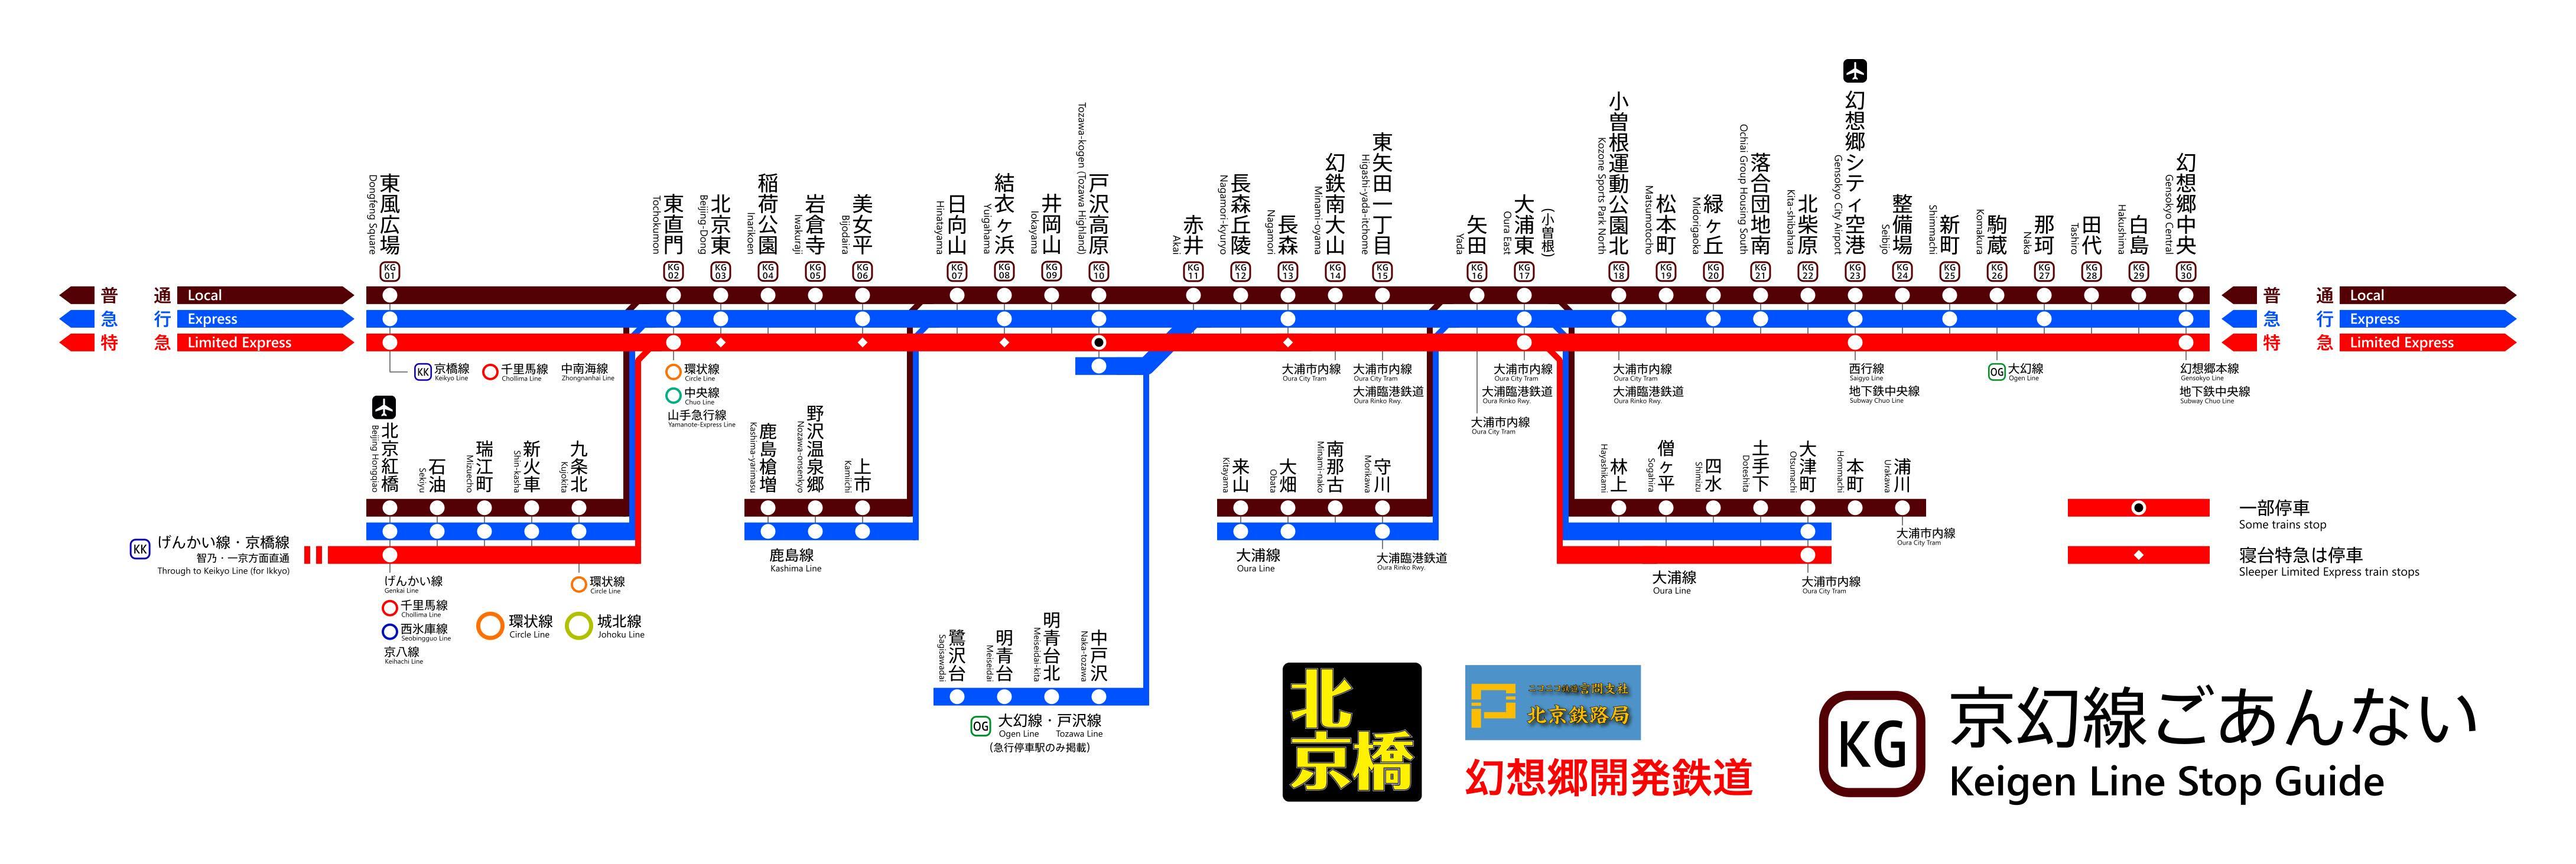 京幻線201807wiki.jpg